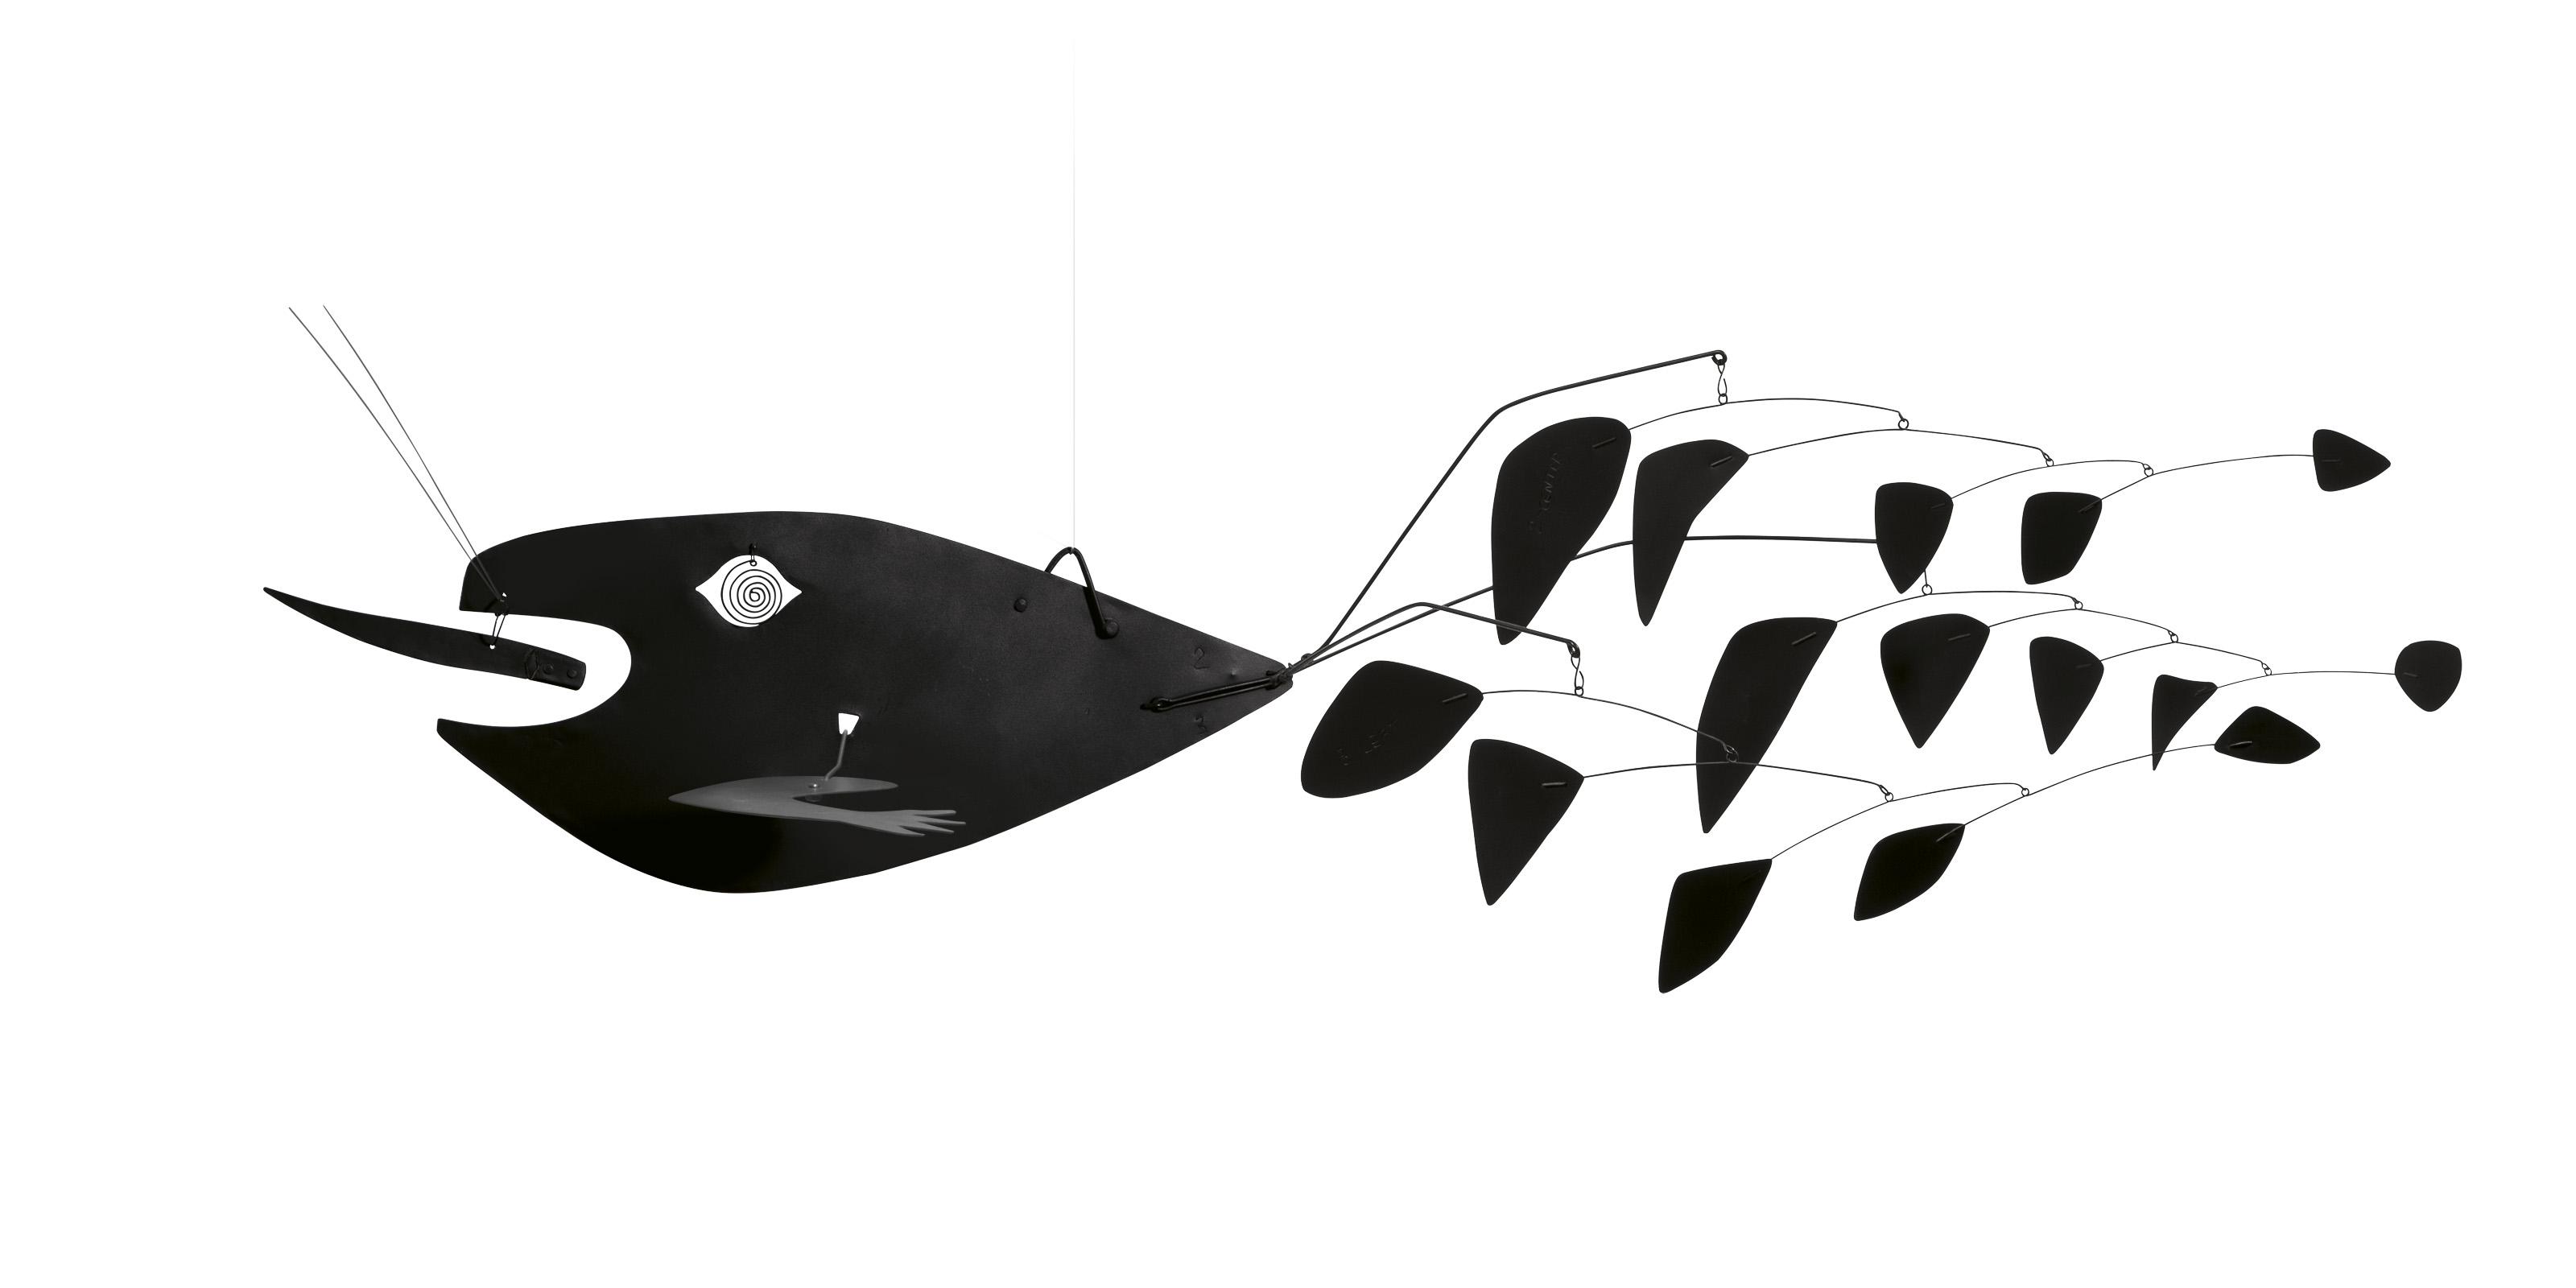 Poisson volant (Flying Fish)